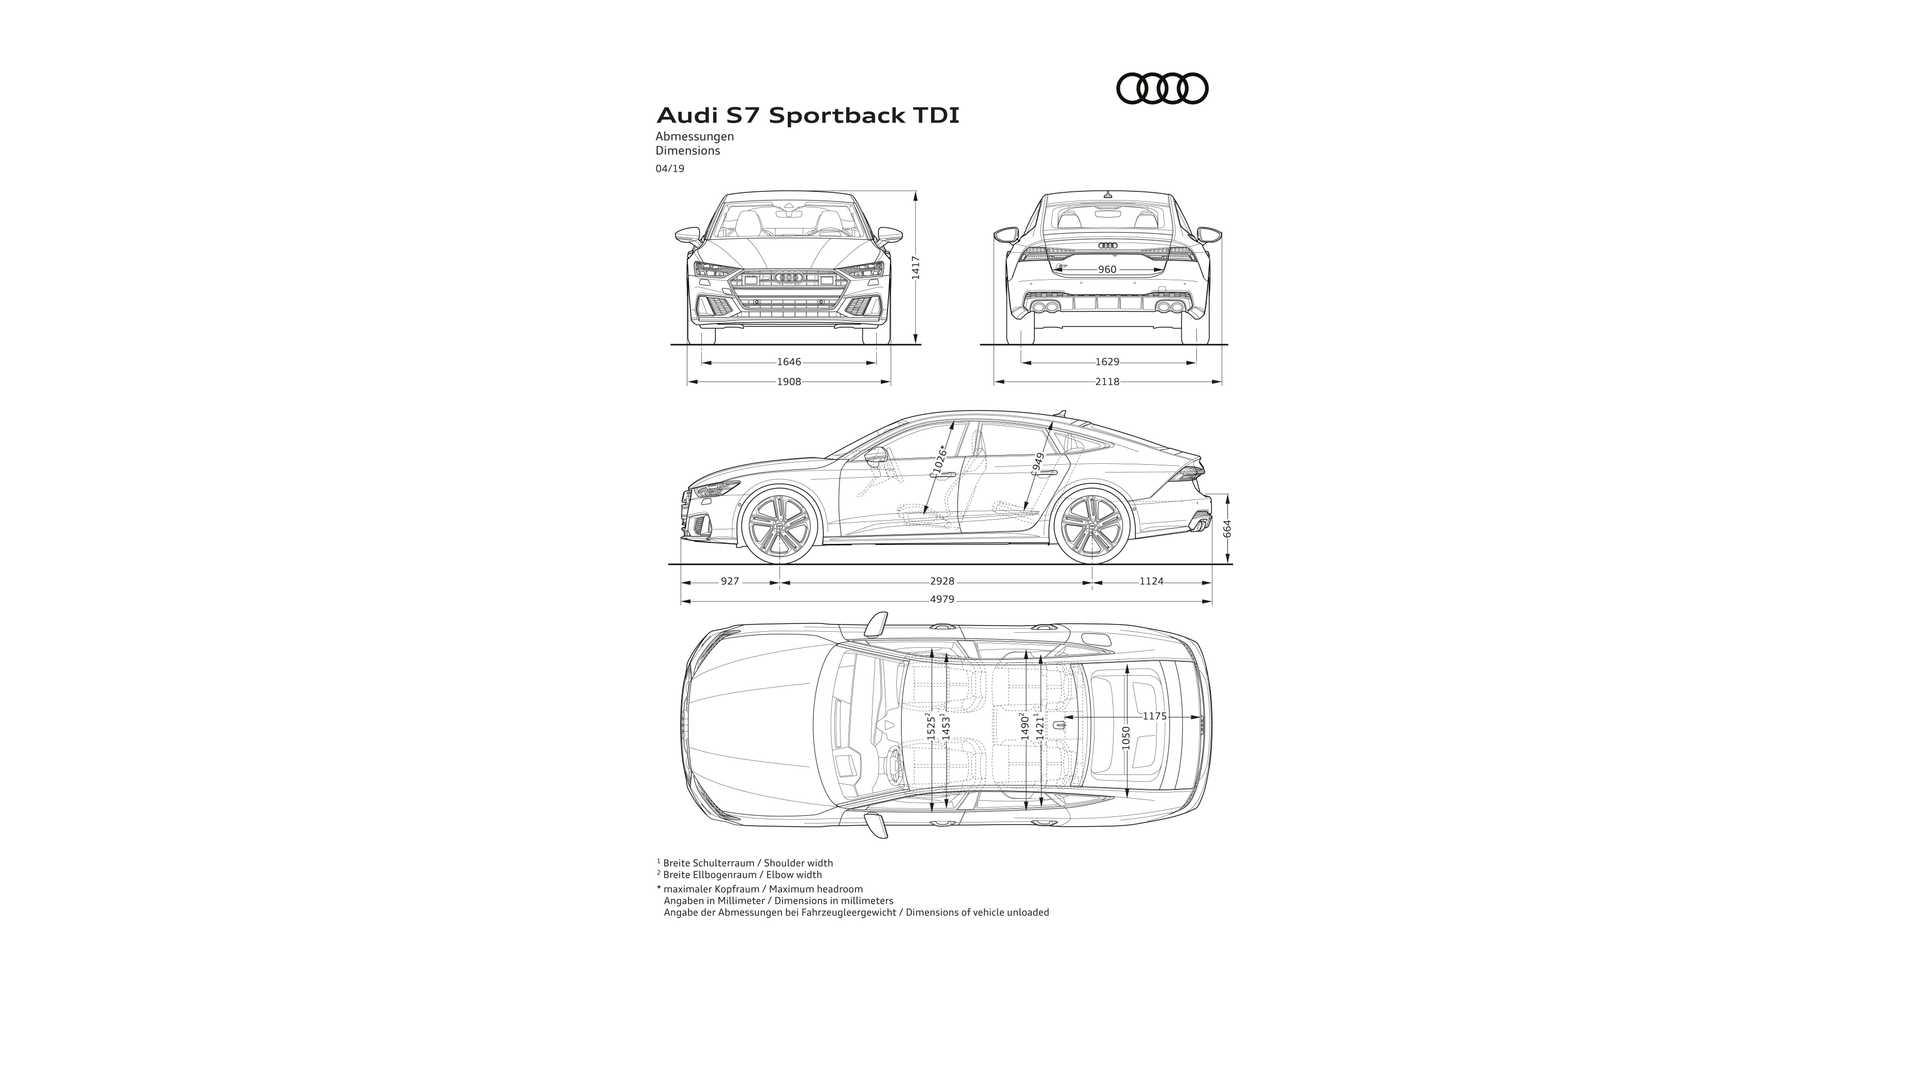 2020-audi-s7-sportback-tdi (14).jpg